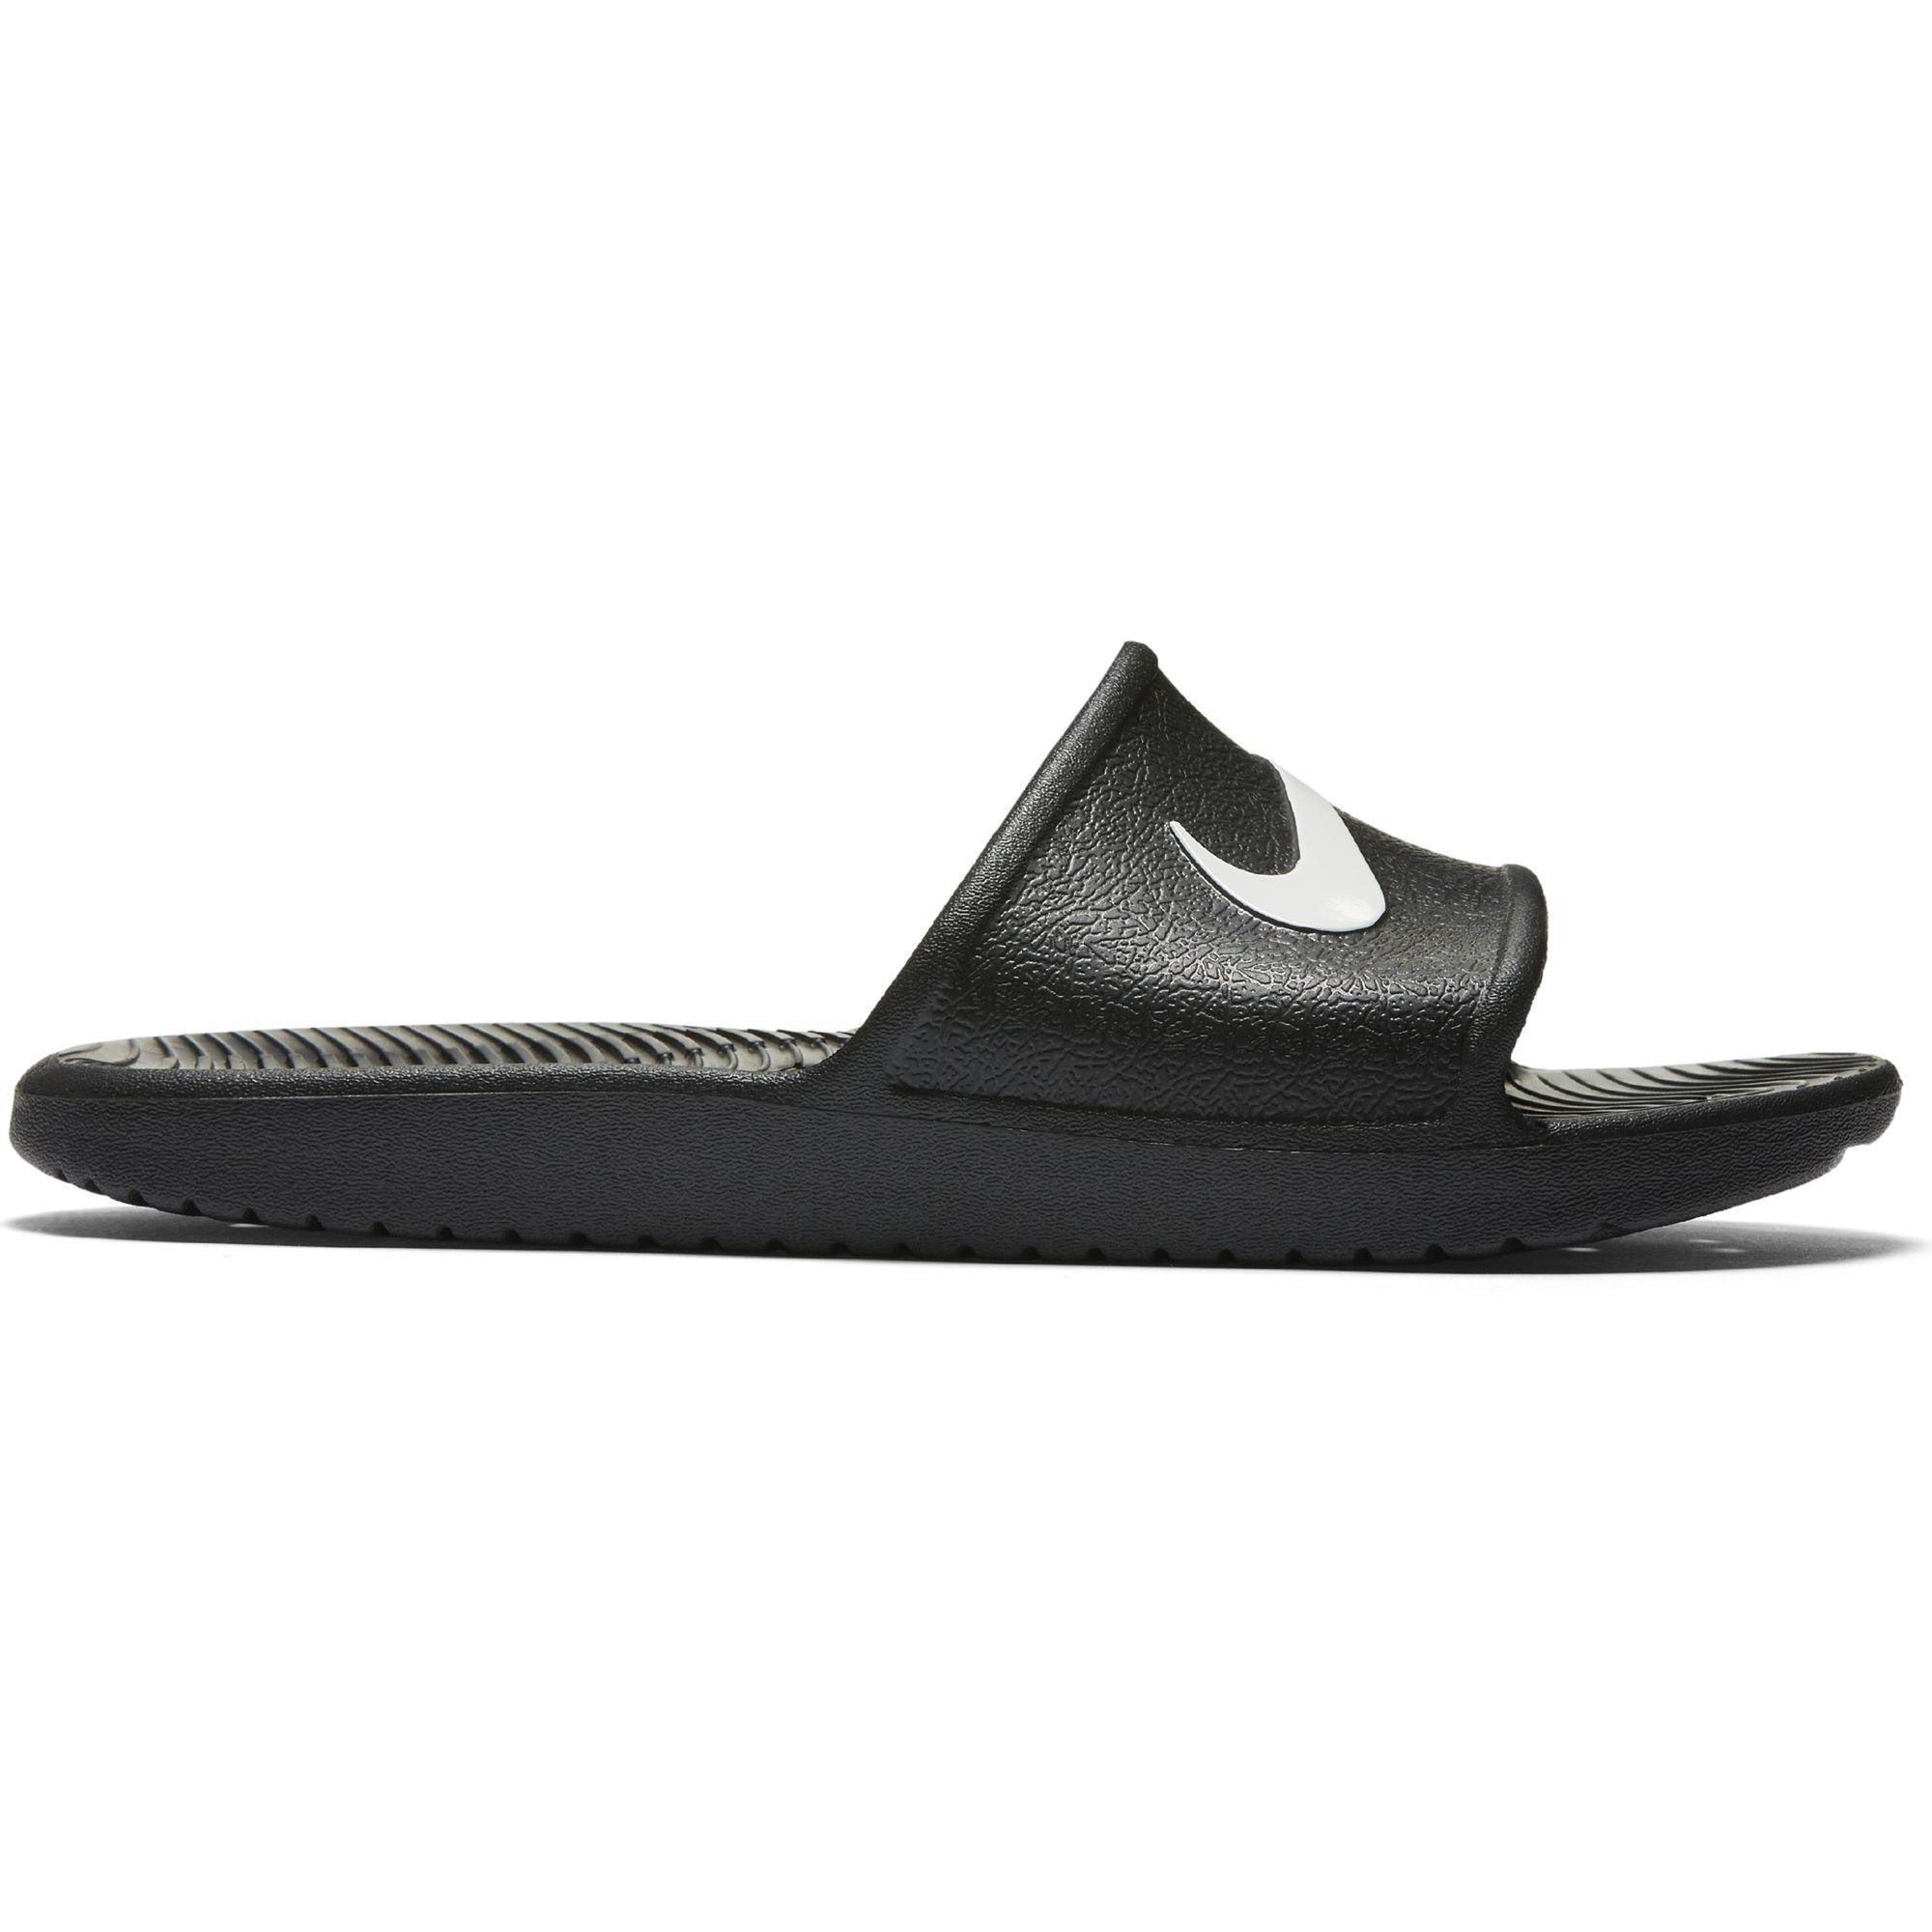 785a5cc58e2 Galleon - Nike Kawa Shower Slide Sandals Black White Men s Size 10